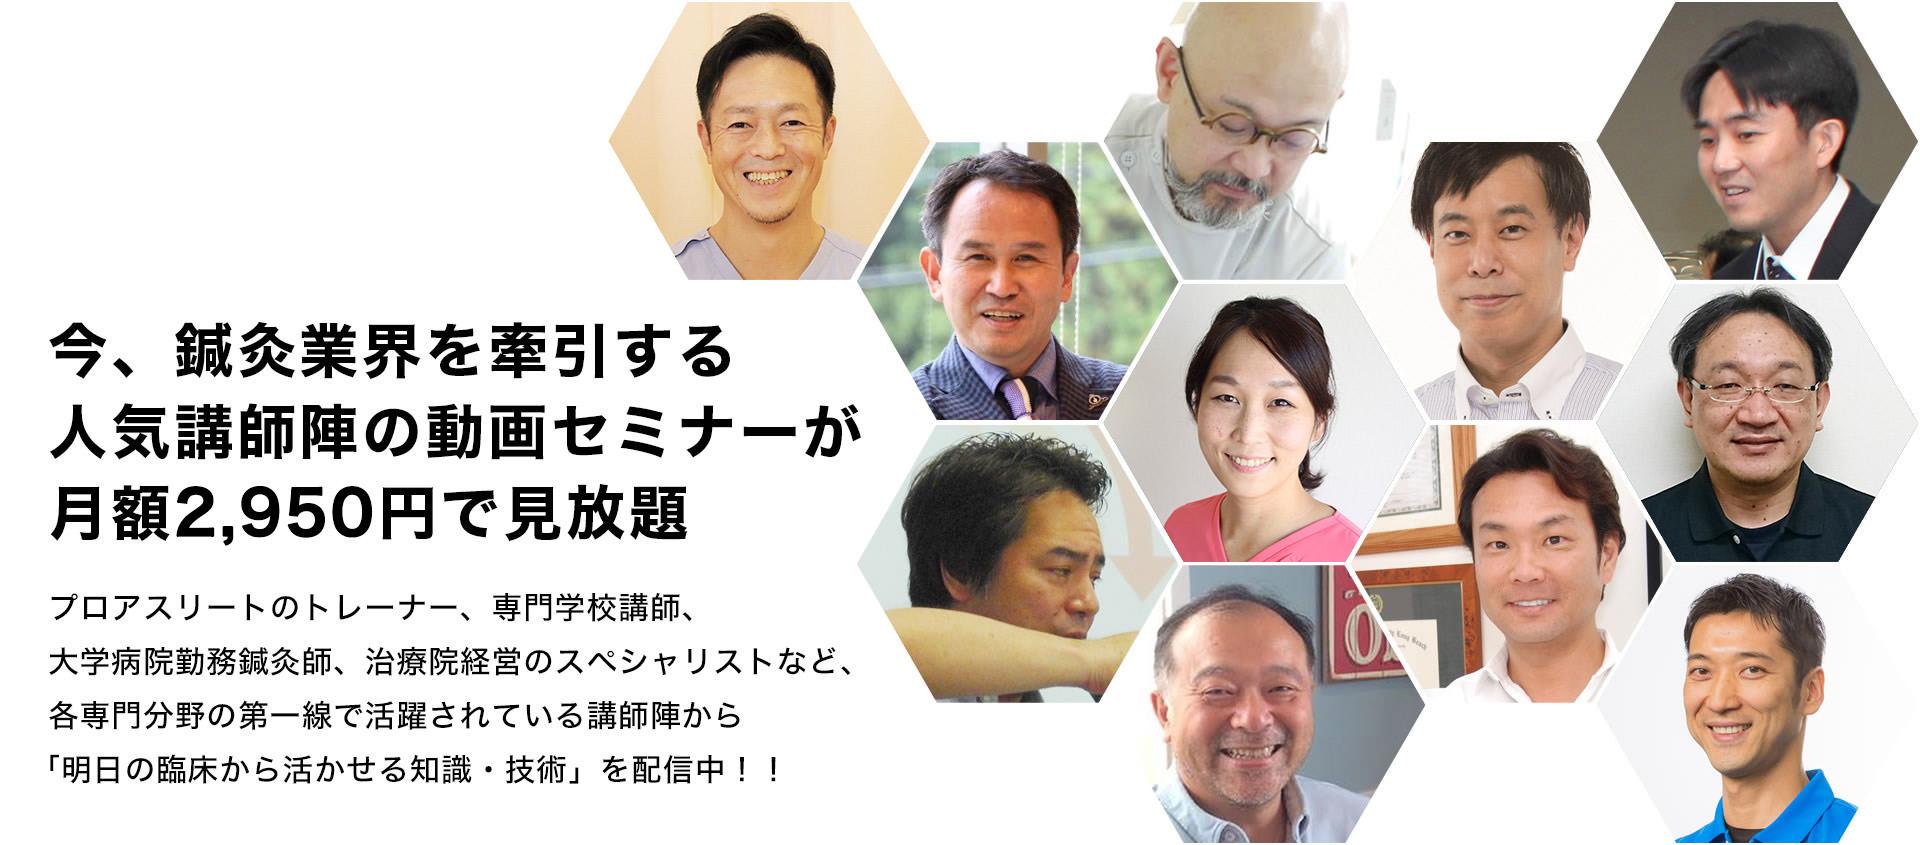 人気講師陣の動画セミナーが月額2,980円で見放題